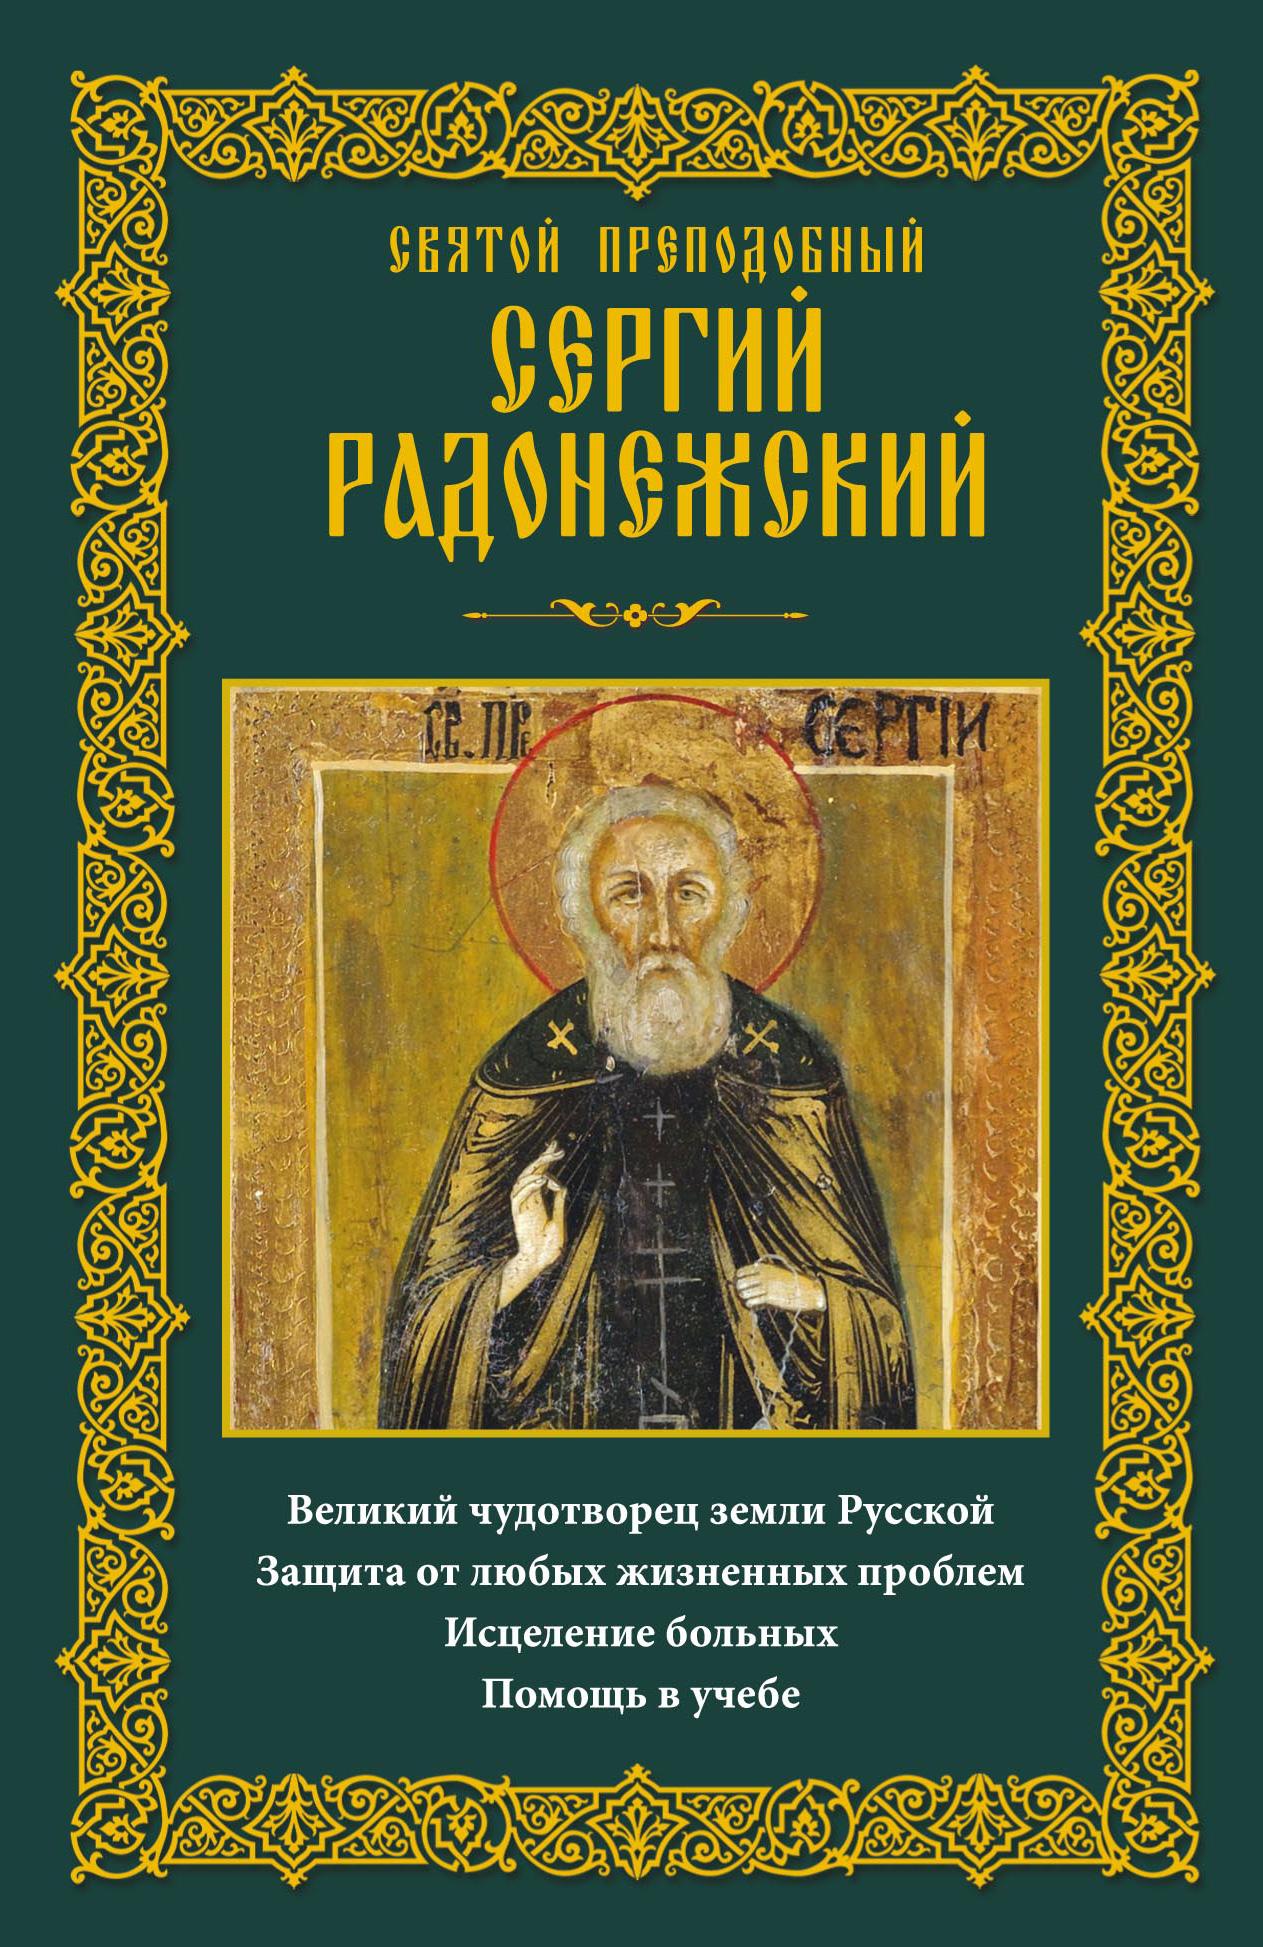 Святой преподобный Сергий Радонежский. Великий чудотворец земли Русской. Защита от любых жизненных проблем, исцеление больных, помощь в учебе ( Отсутствует  )